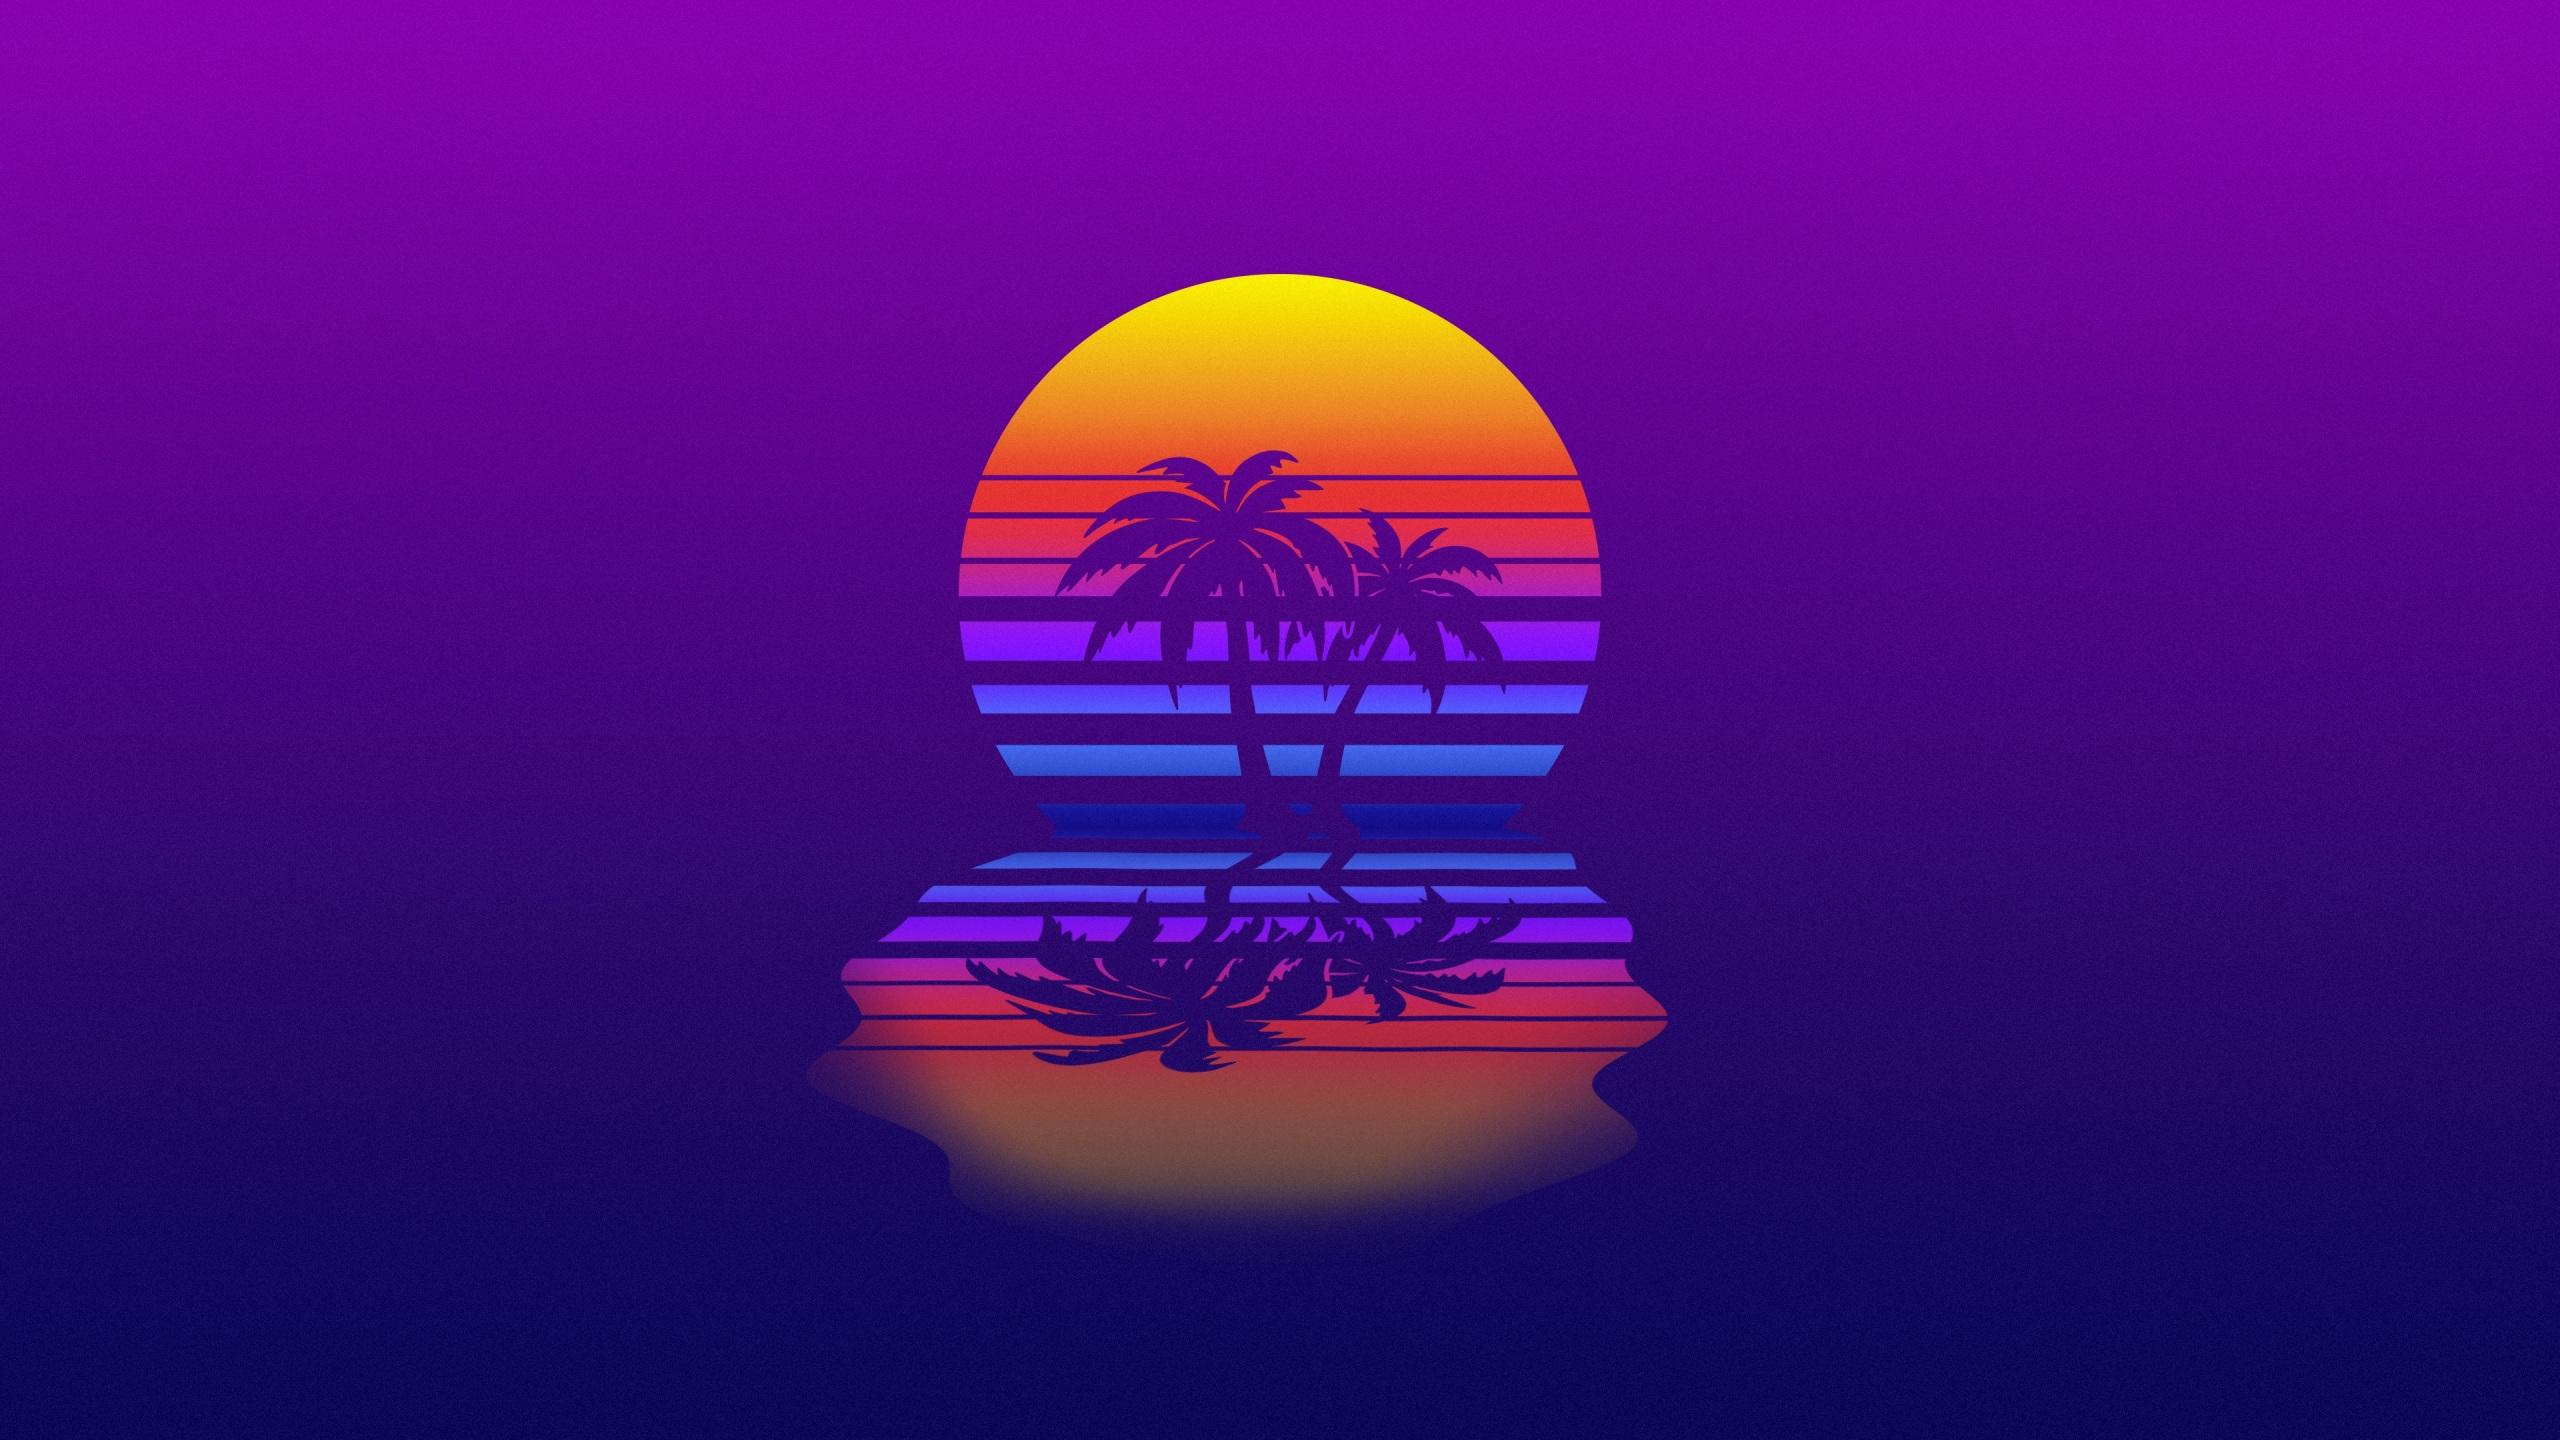 Картинка Ретровейв солнца Природа пальм Отражение 2560x1440 Синтвейв Солнце пальма Пальмы отражении отражается